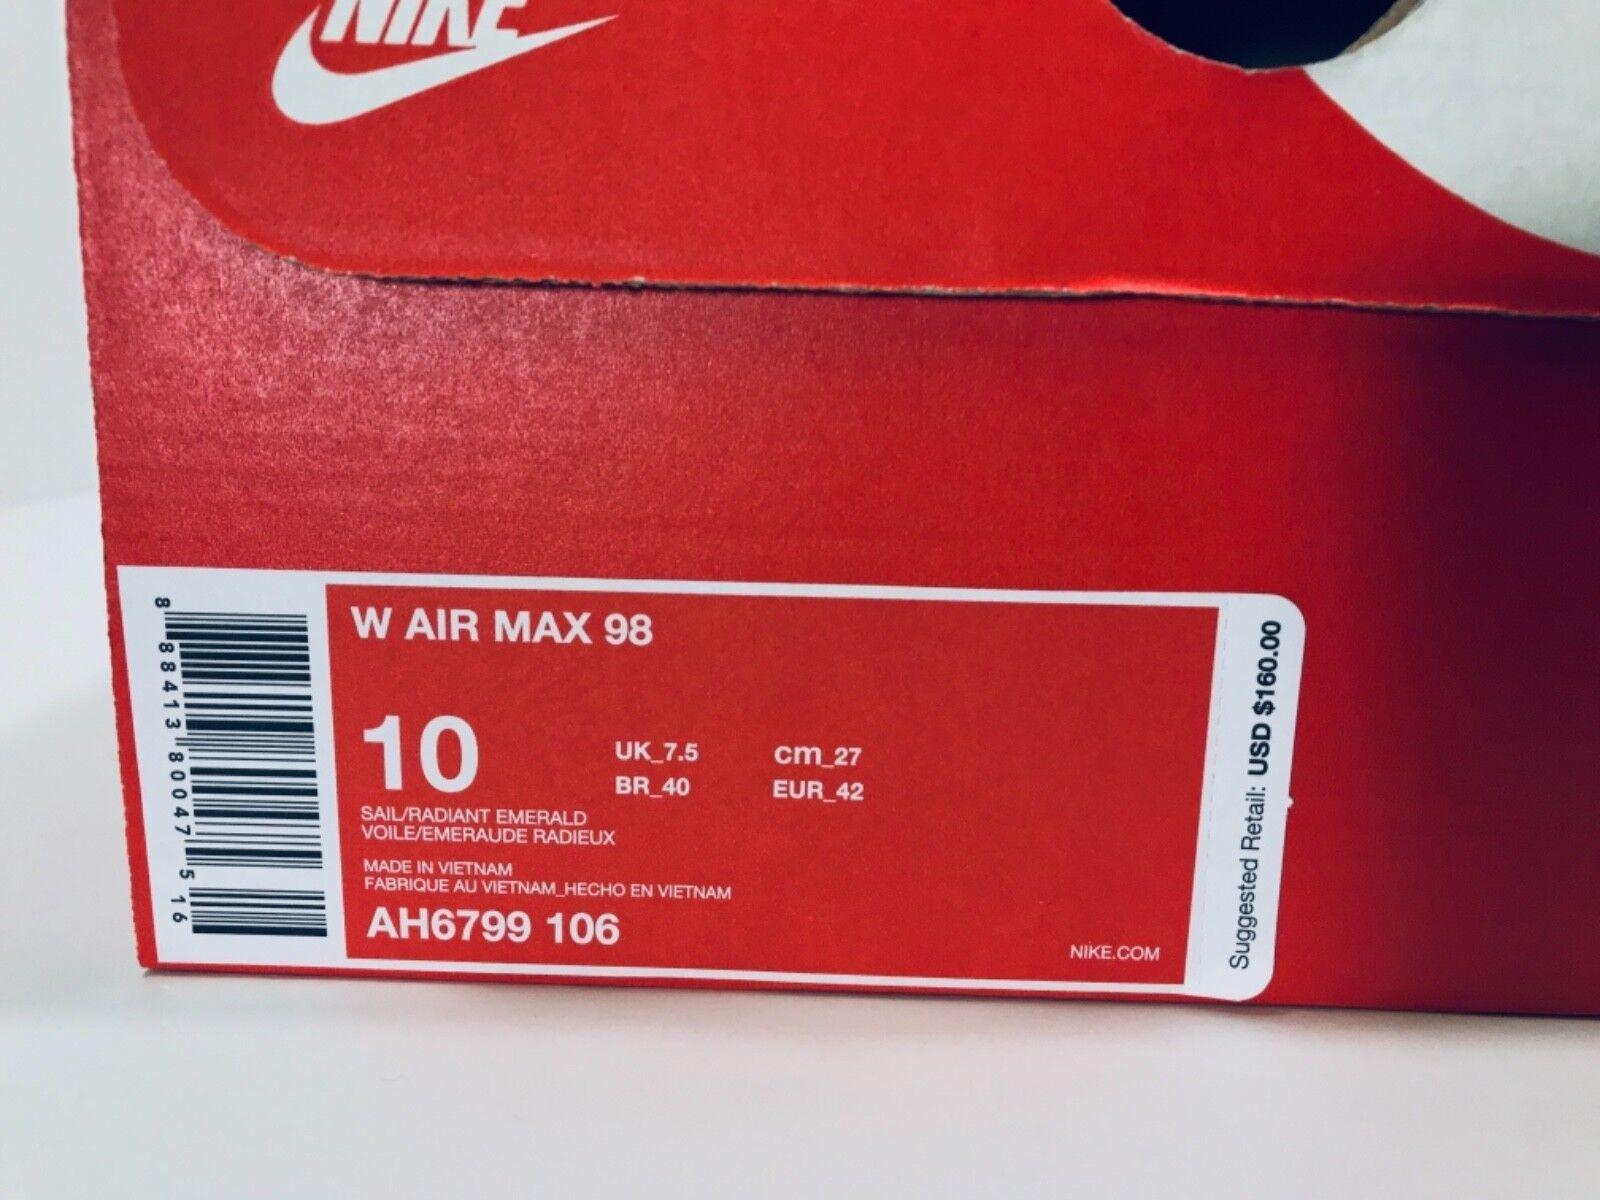 neu nike air max 97 frauen select-a-Größe select-a-Größe frauen ... 0b8d4e0c08